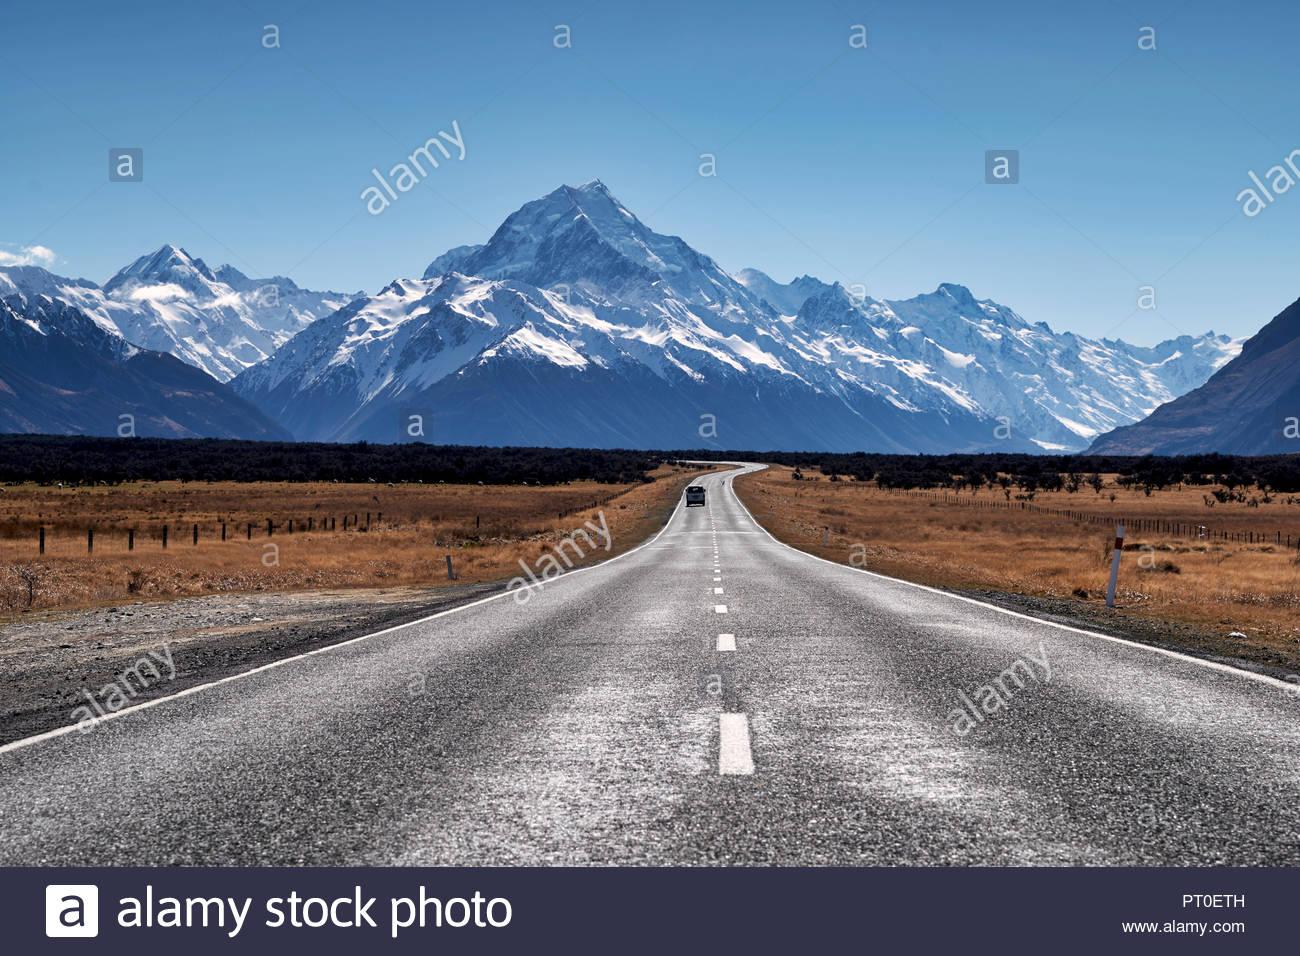 La route de Aoraki Mount Cook National Park. Nouvelle Zélande Banque D'Images